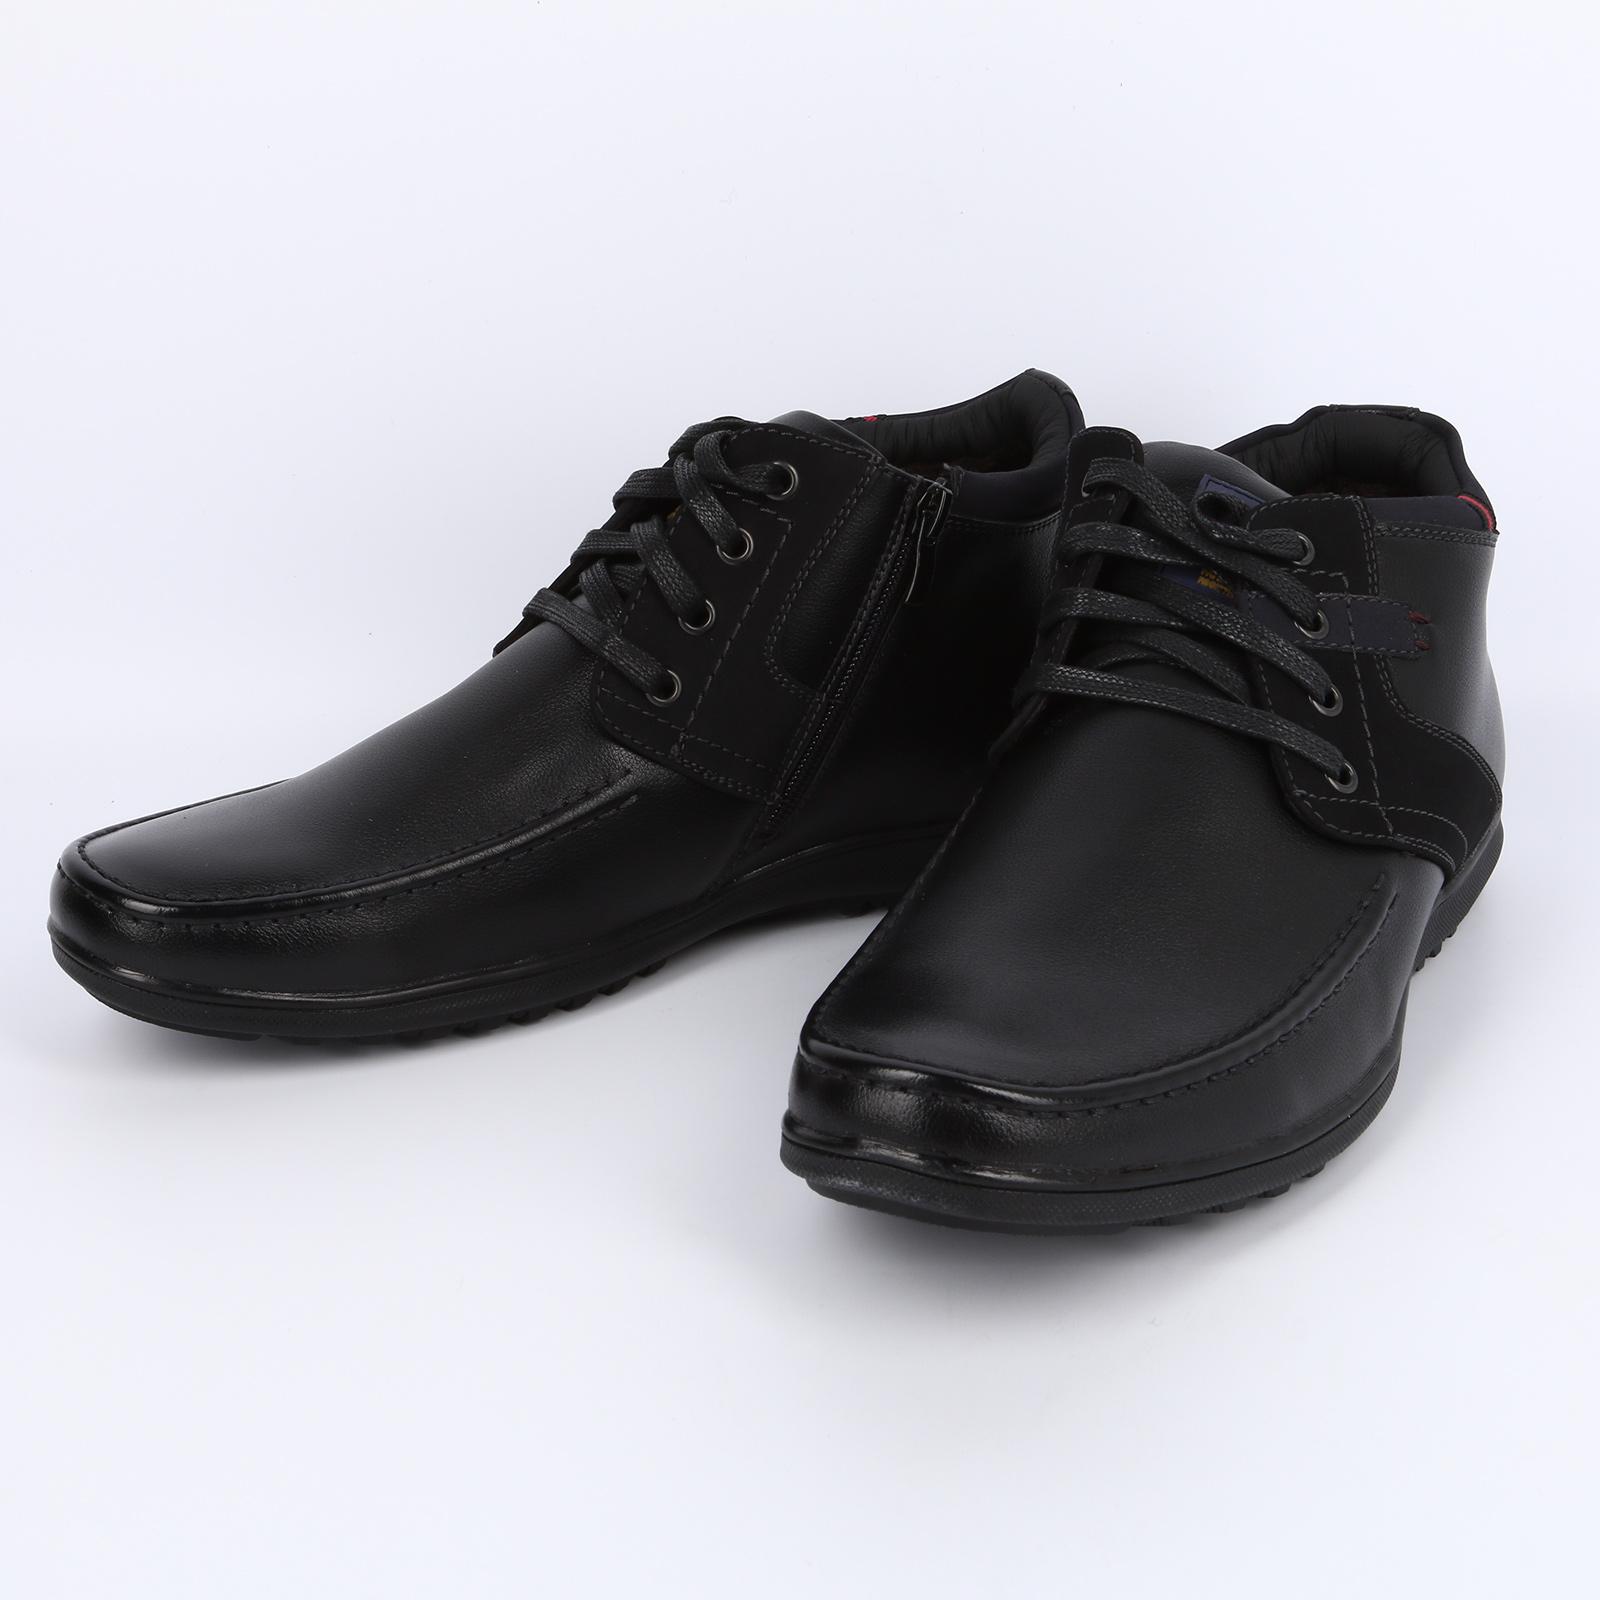 Высокие ботинки со вставкой из нубука